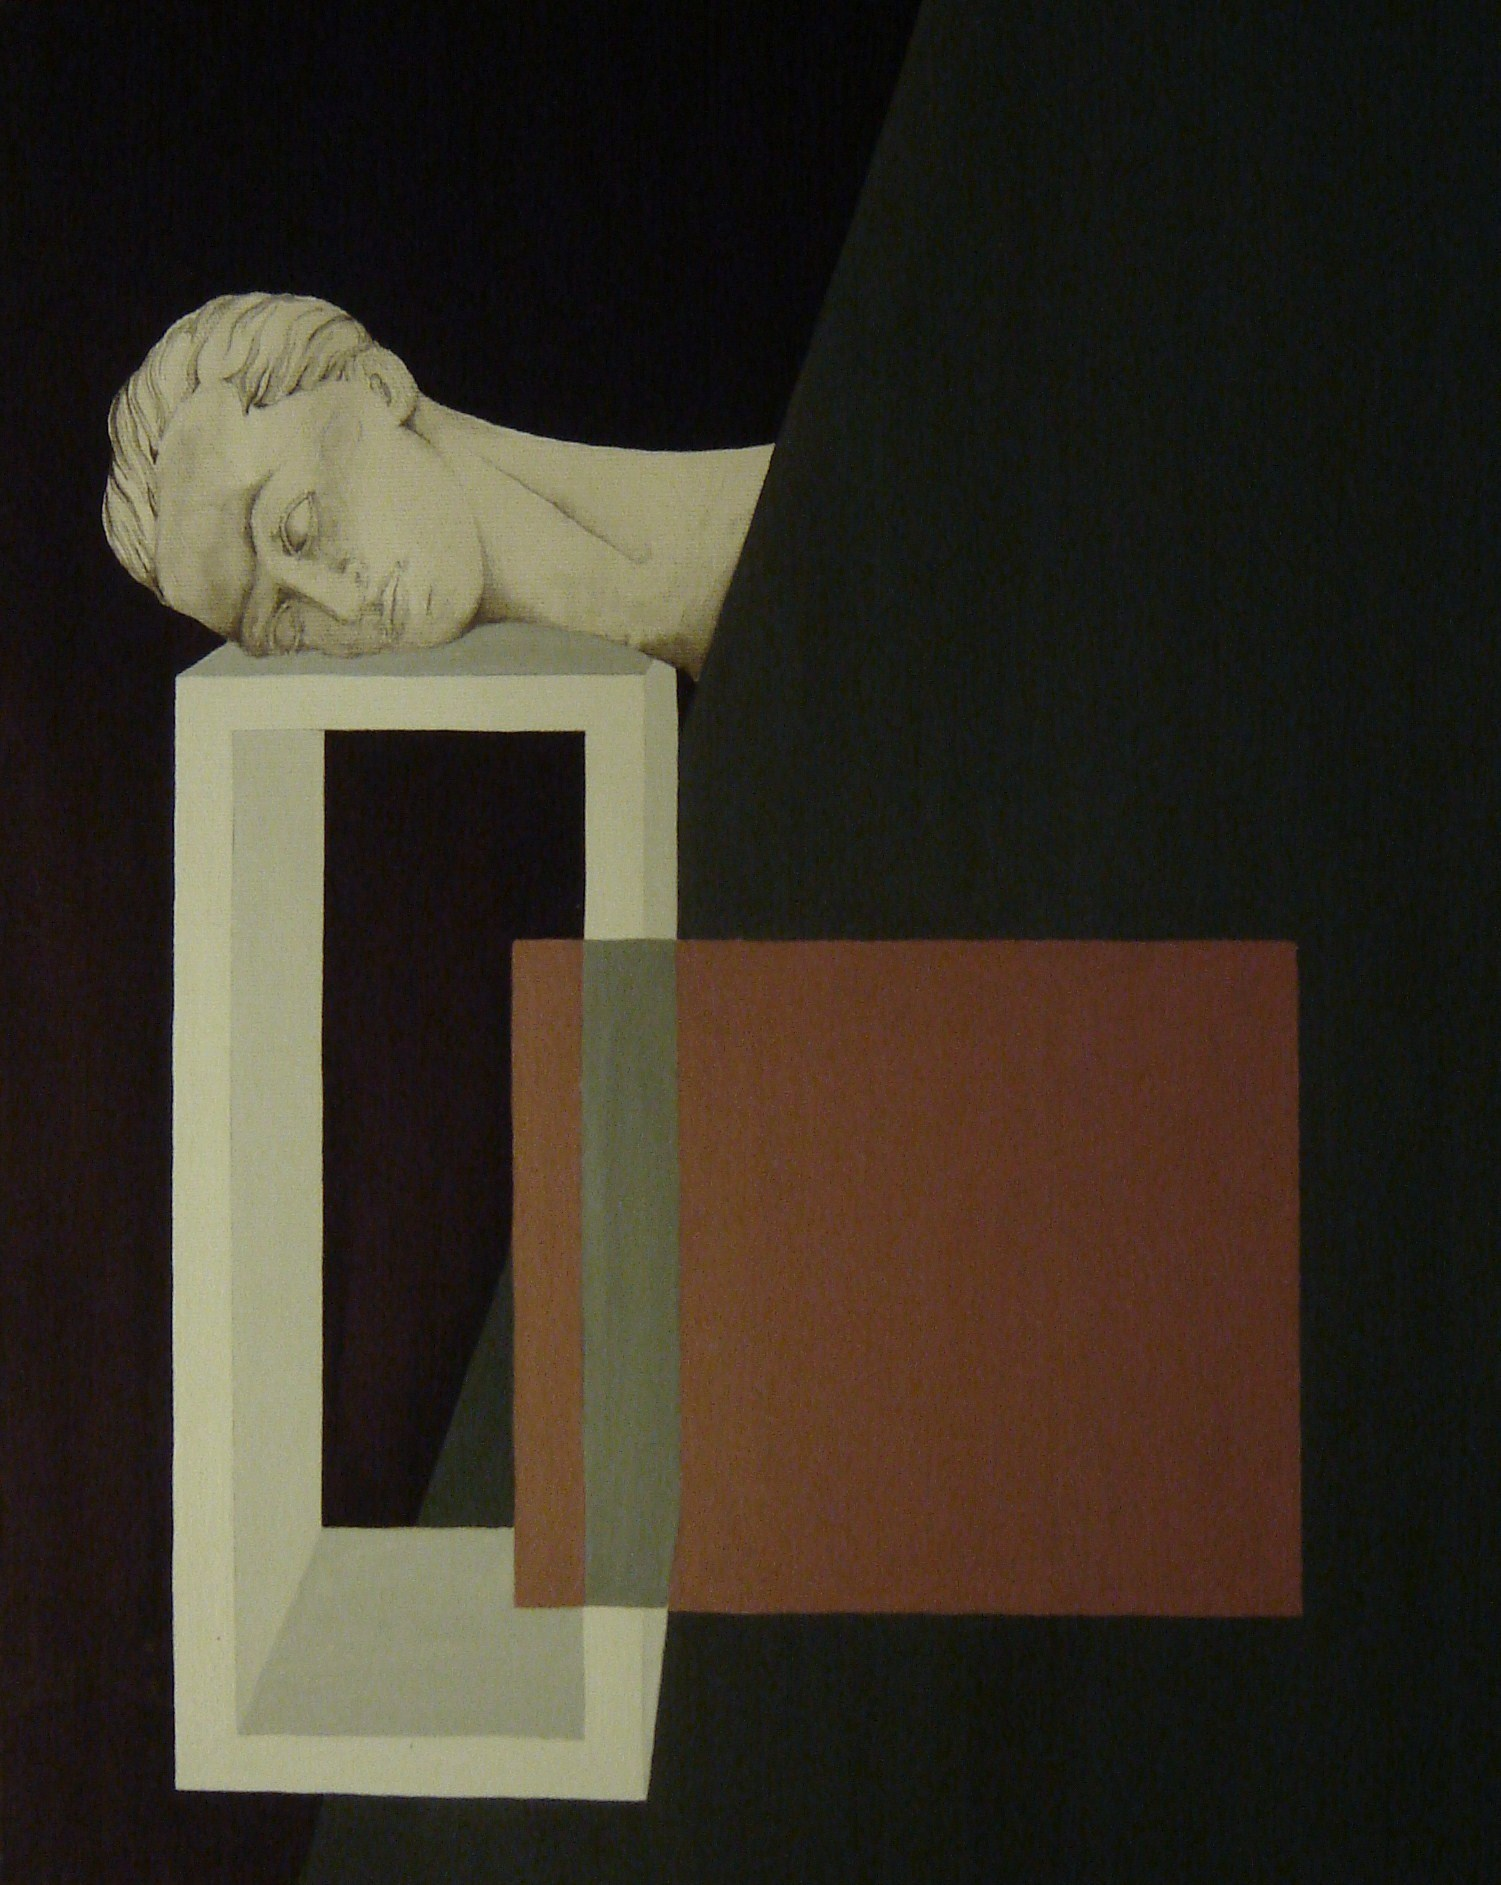 Kamil Emanuel Klonowski, Św. Jan Chrzciciel (Manieryzm polski), 40 x 50 cm, tusz i tempera jajowa na płótnie